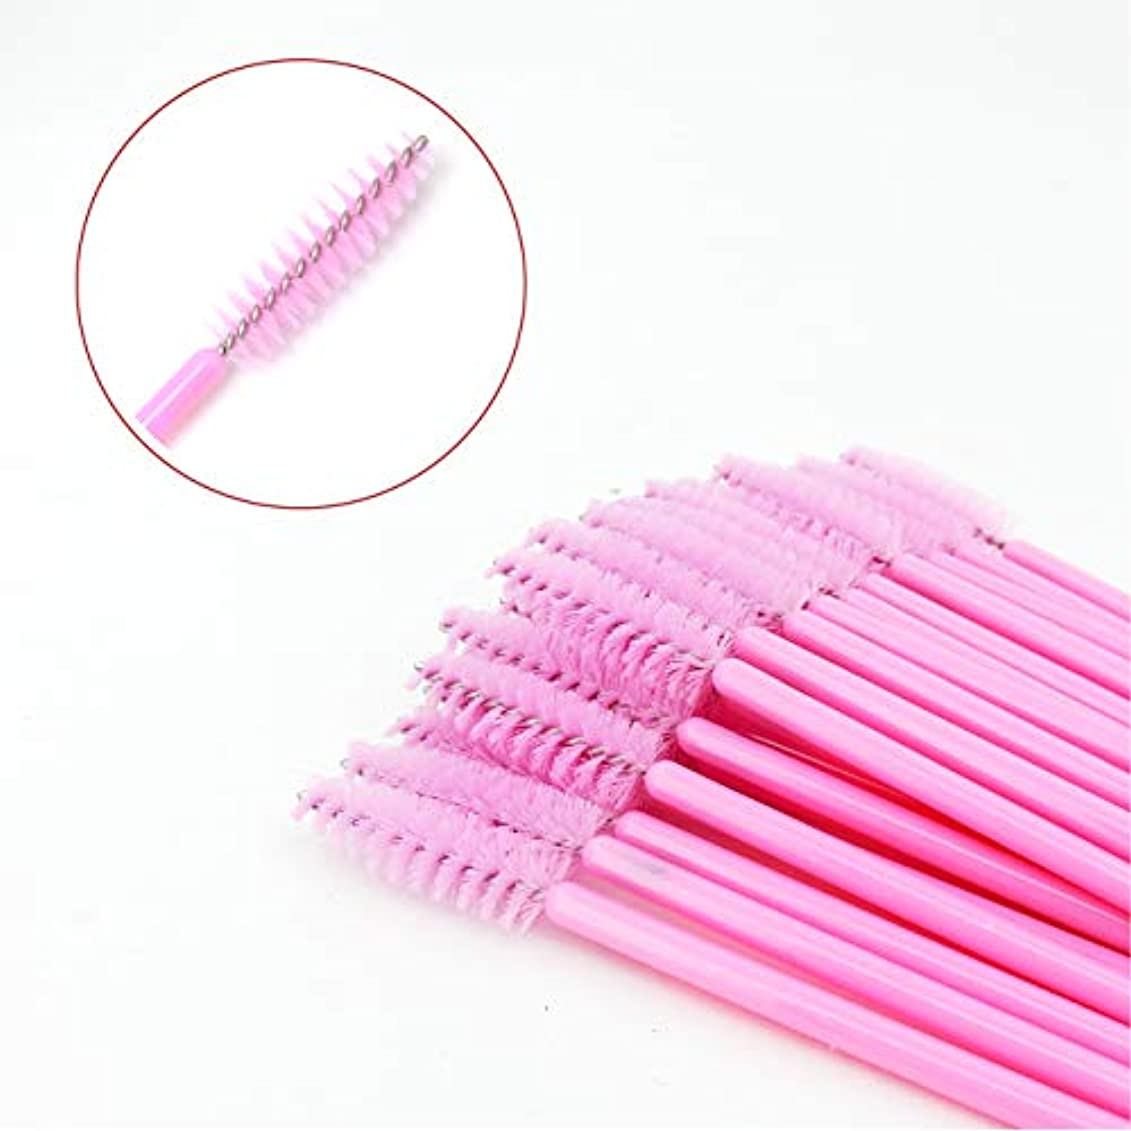 責める頂点十分なLASHVIEWまつげブラシ 使い捨て スクリューブラシ まつげコーム マスカラブラシメイクブラシ アイメイク 化粧用品 ピンク 100pcs